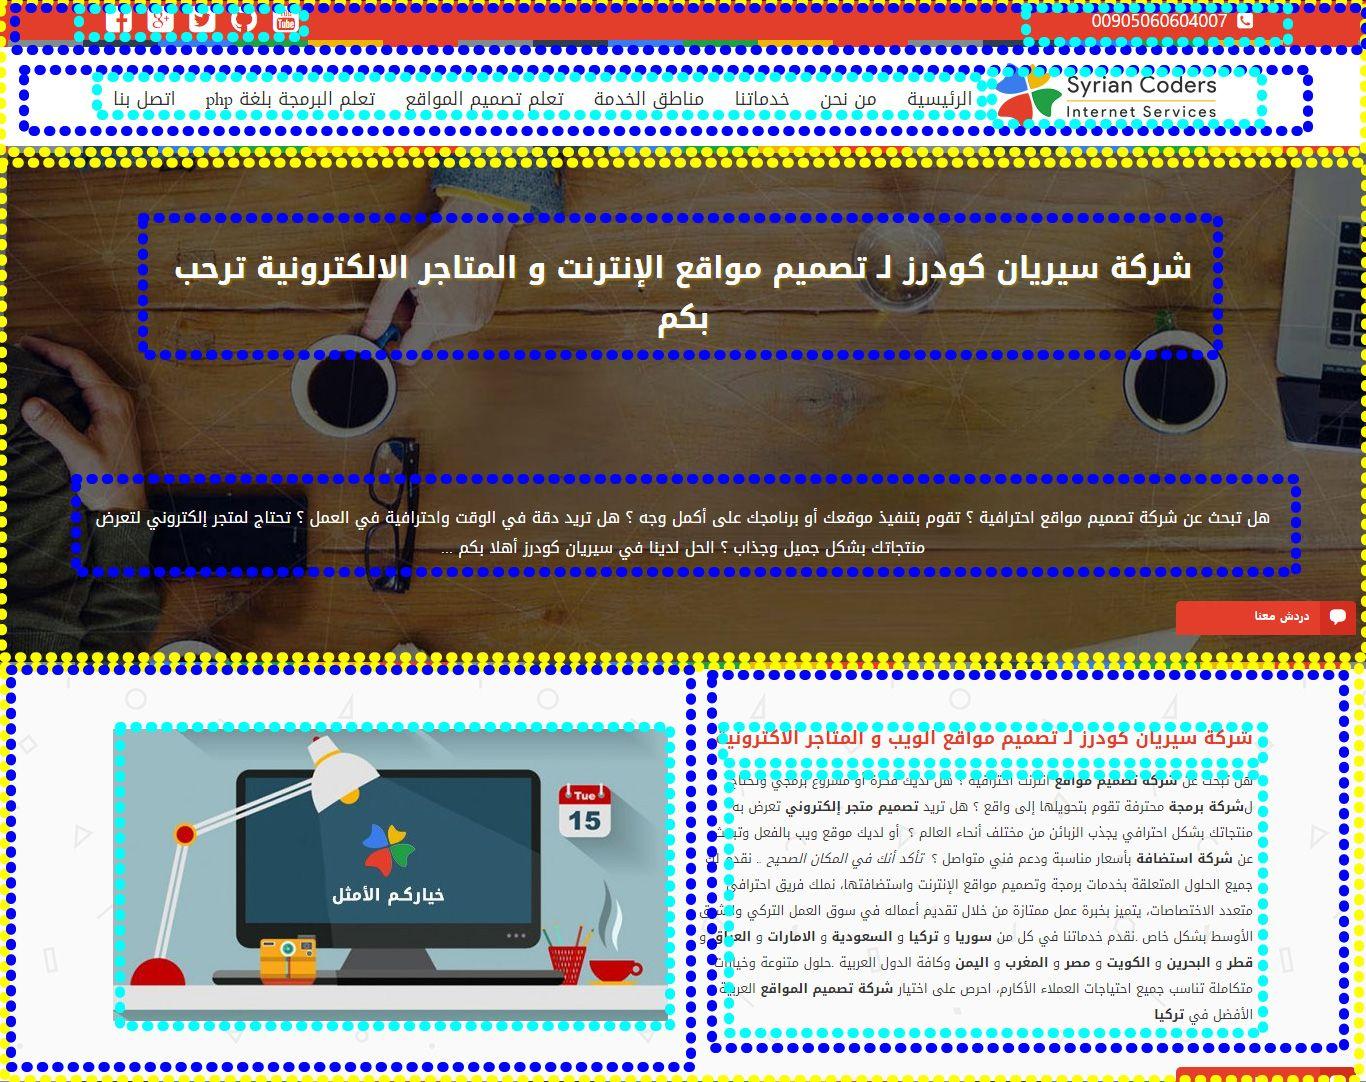 مثال لتصميم موقع إنترنت